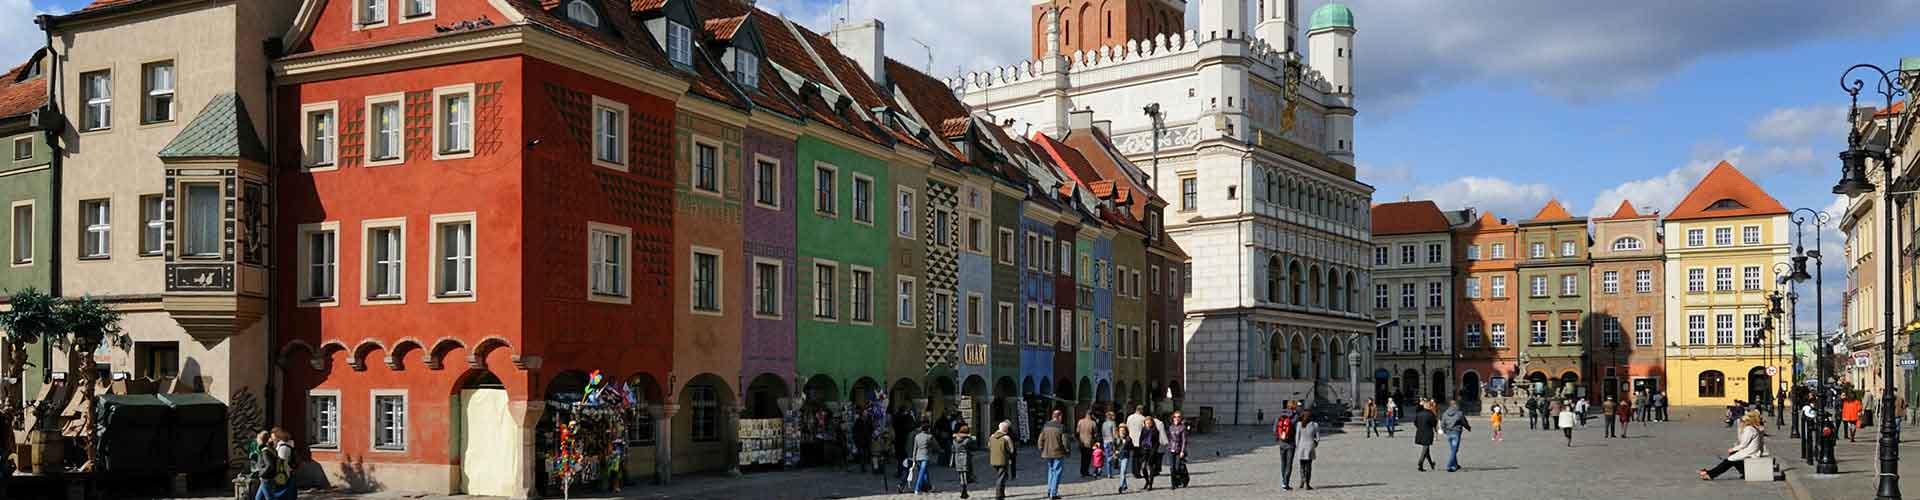 Poznan - Hôtels à Poznan. Cartes pour Poznan, photos et commentaires pour chaque hôtel à Poznan.